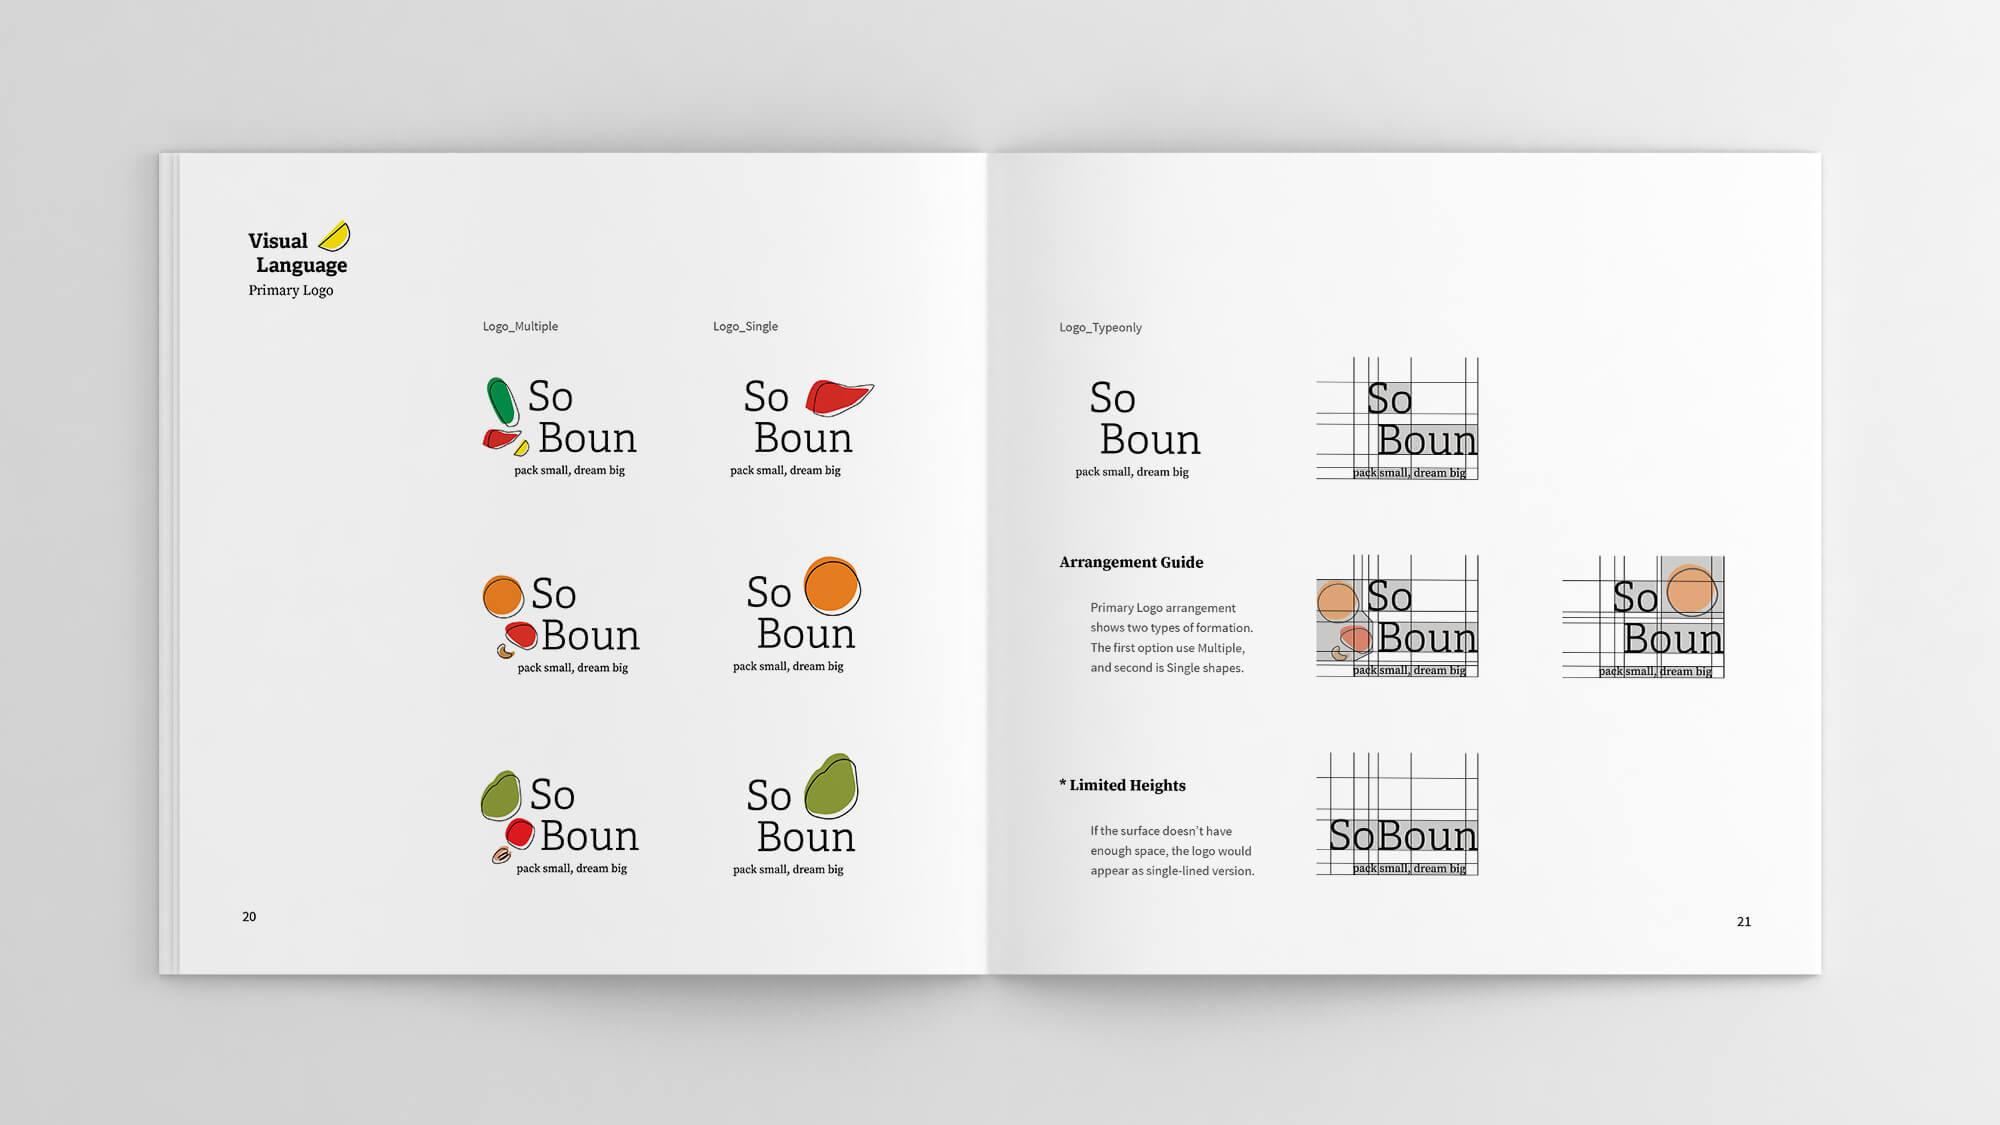 Soboun-page-9